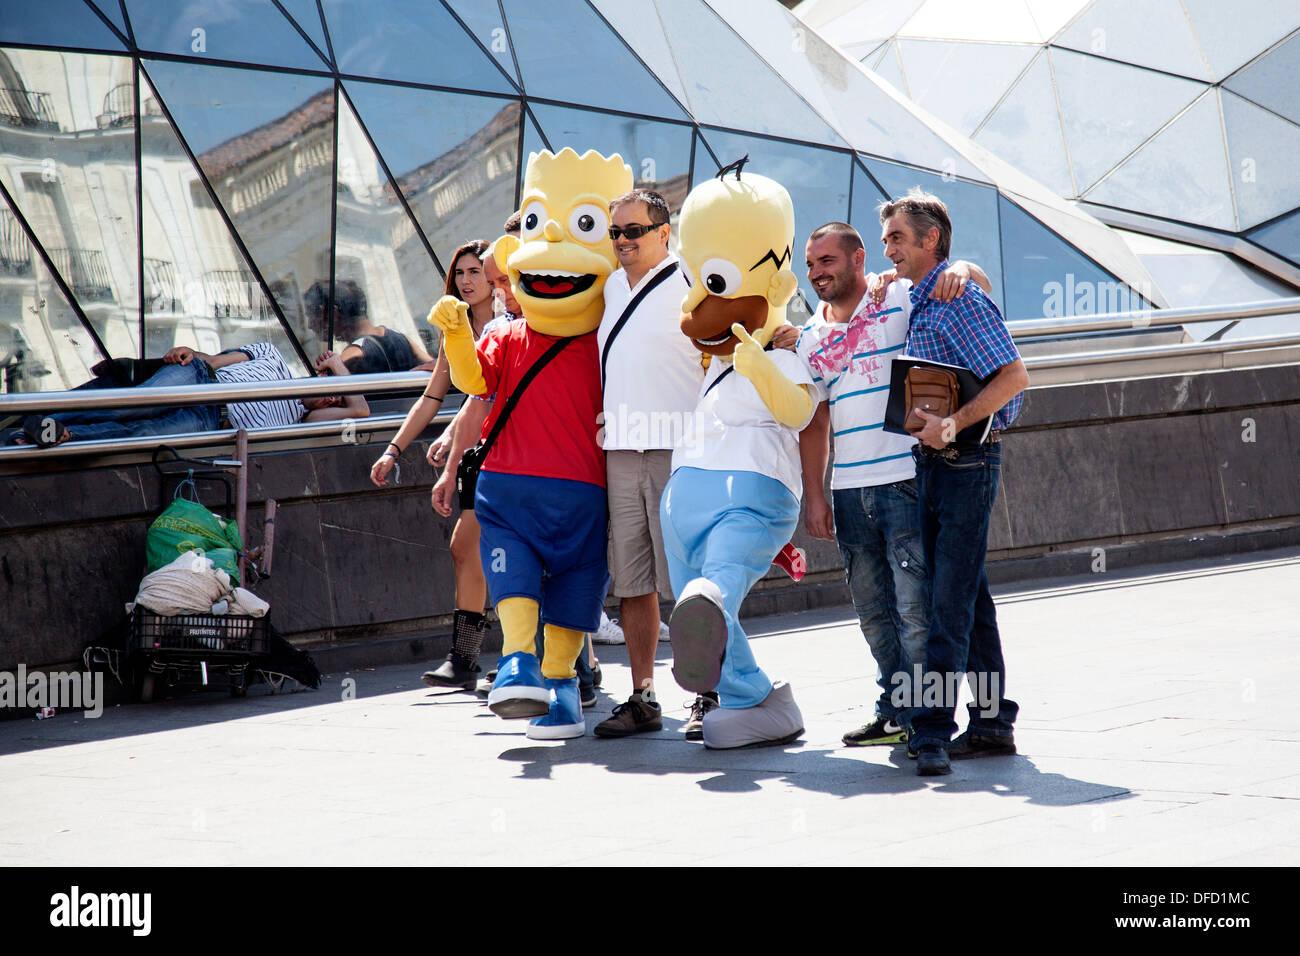 Posa turistica con l'artista di strada come The Simpsons in Puerta del Sol di Madrid, Spagna Foto Stock